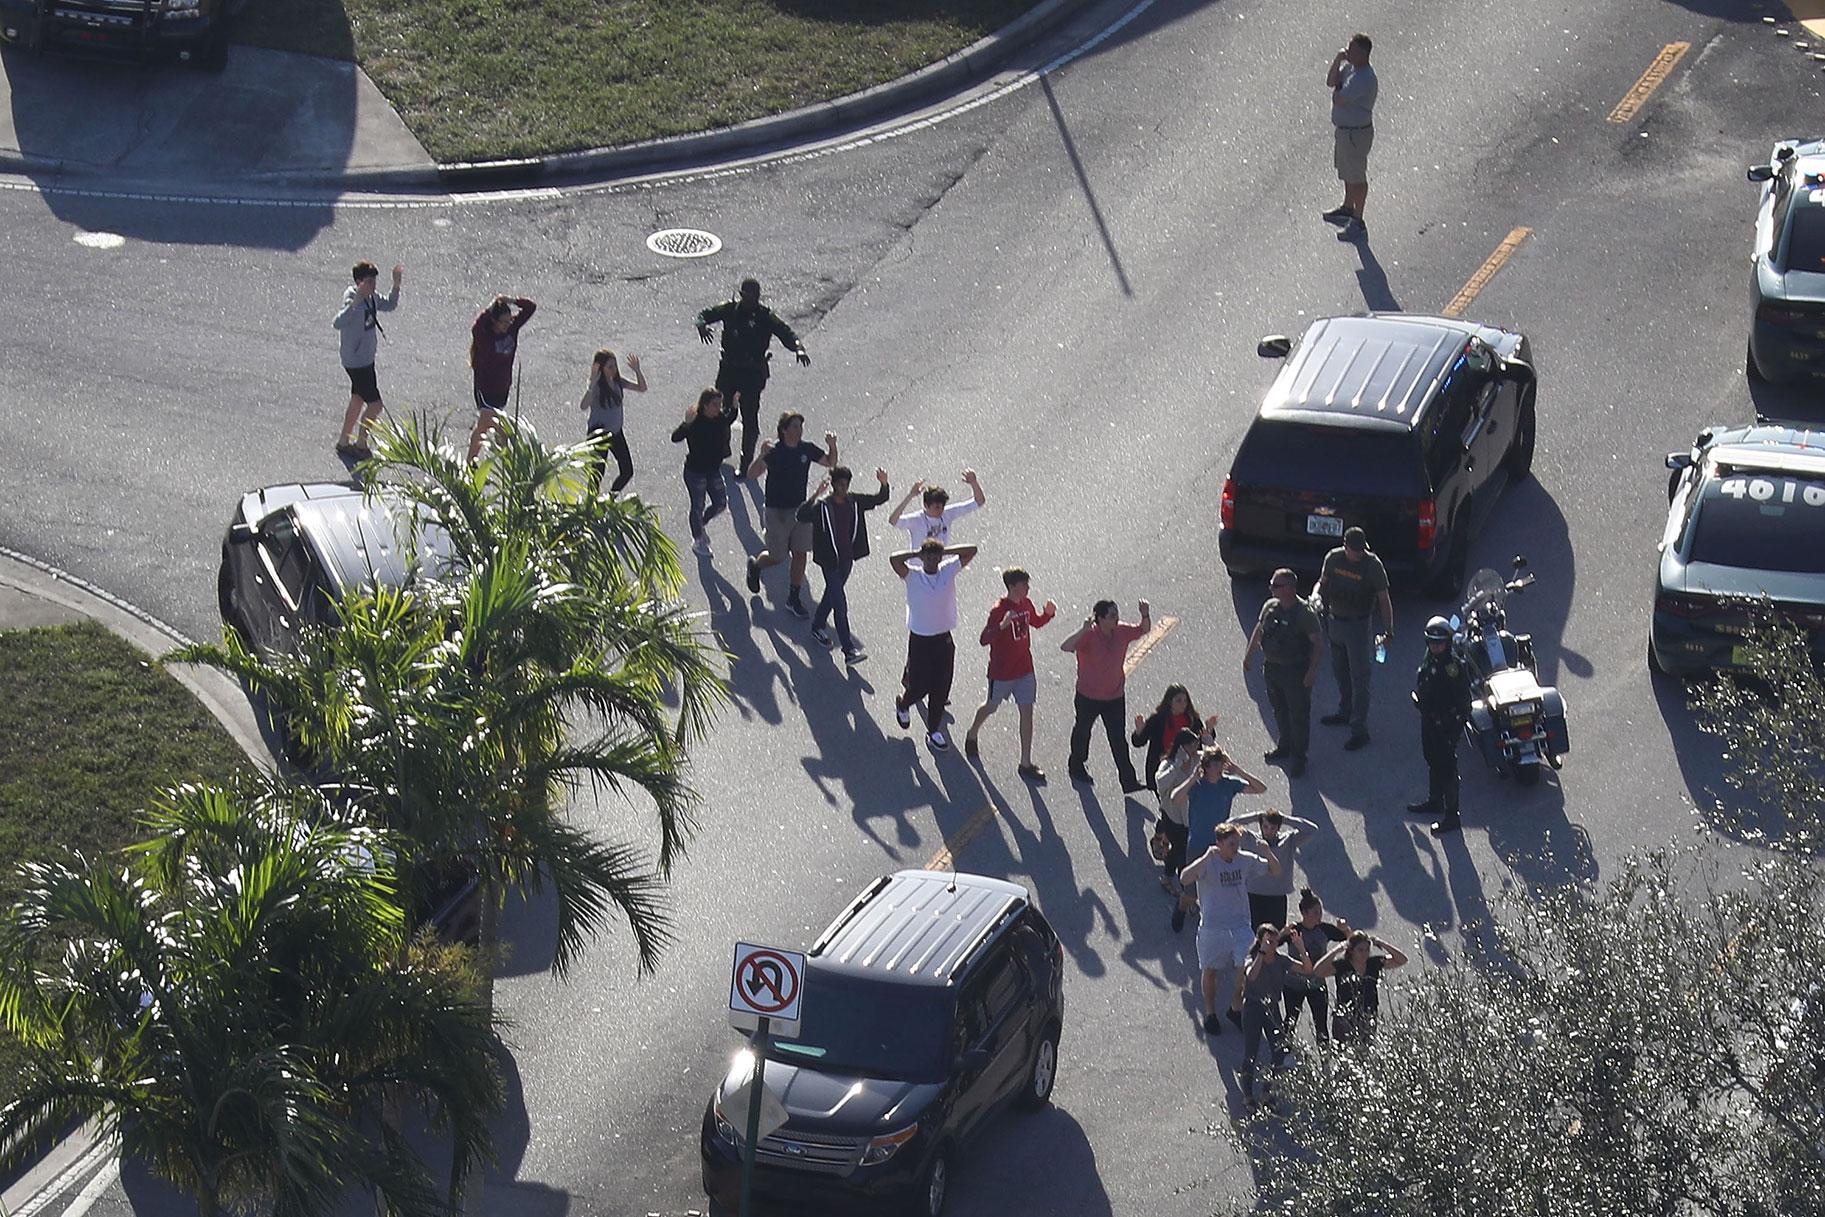 כל מה שאנחנו יודעים על ירי בית הספר התיכון בפלורידה שהותיר 17 הרוגים